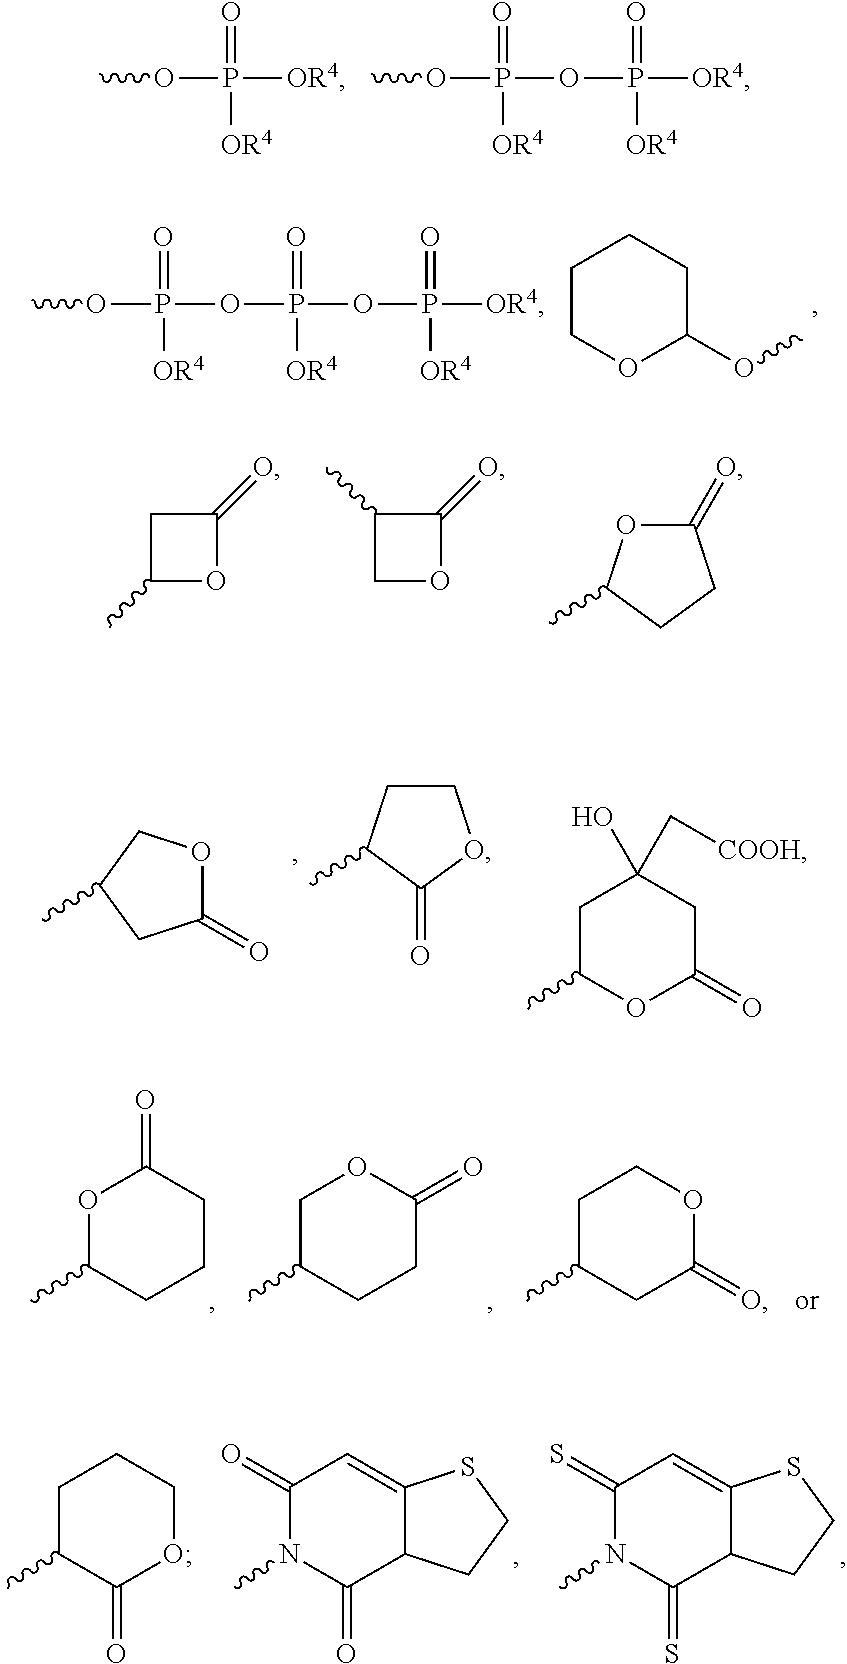 Figure US09662307-20170530-C00014